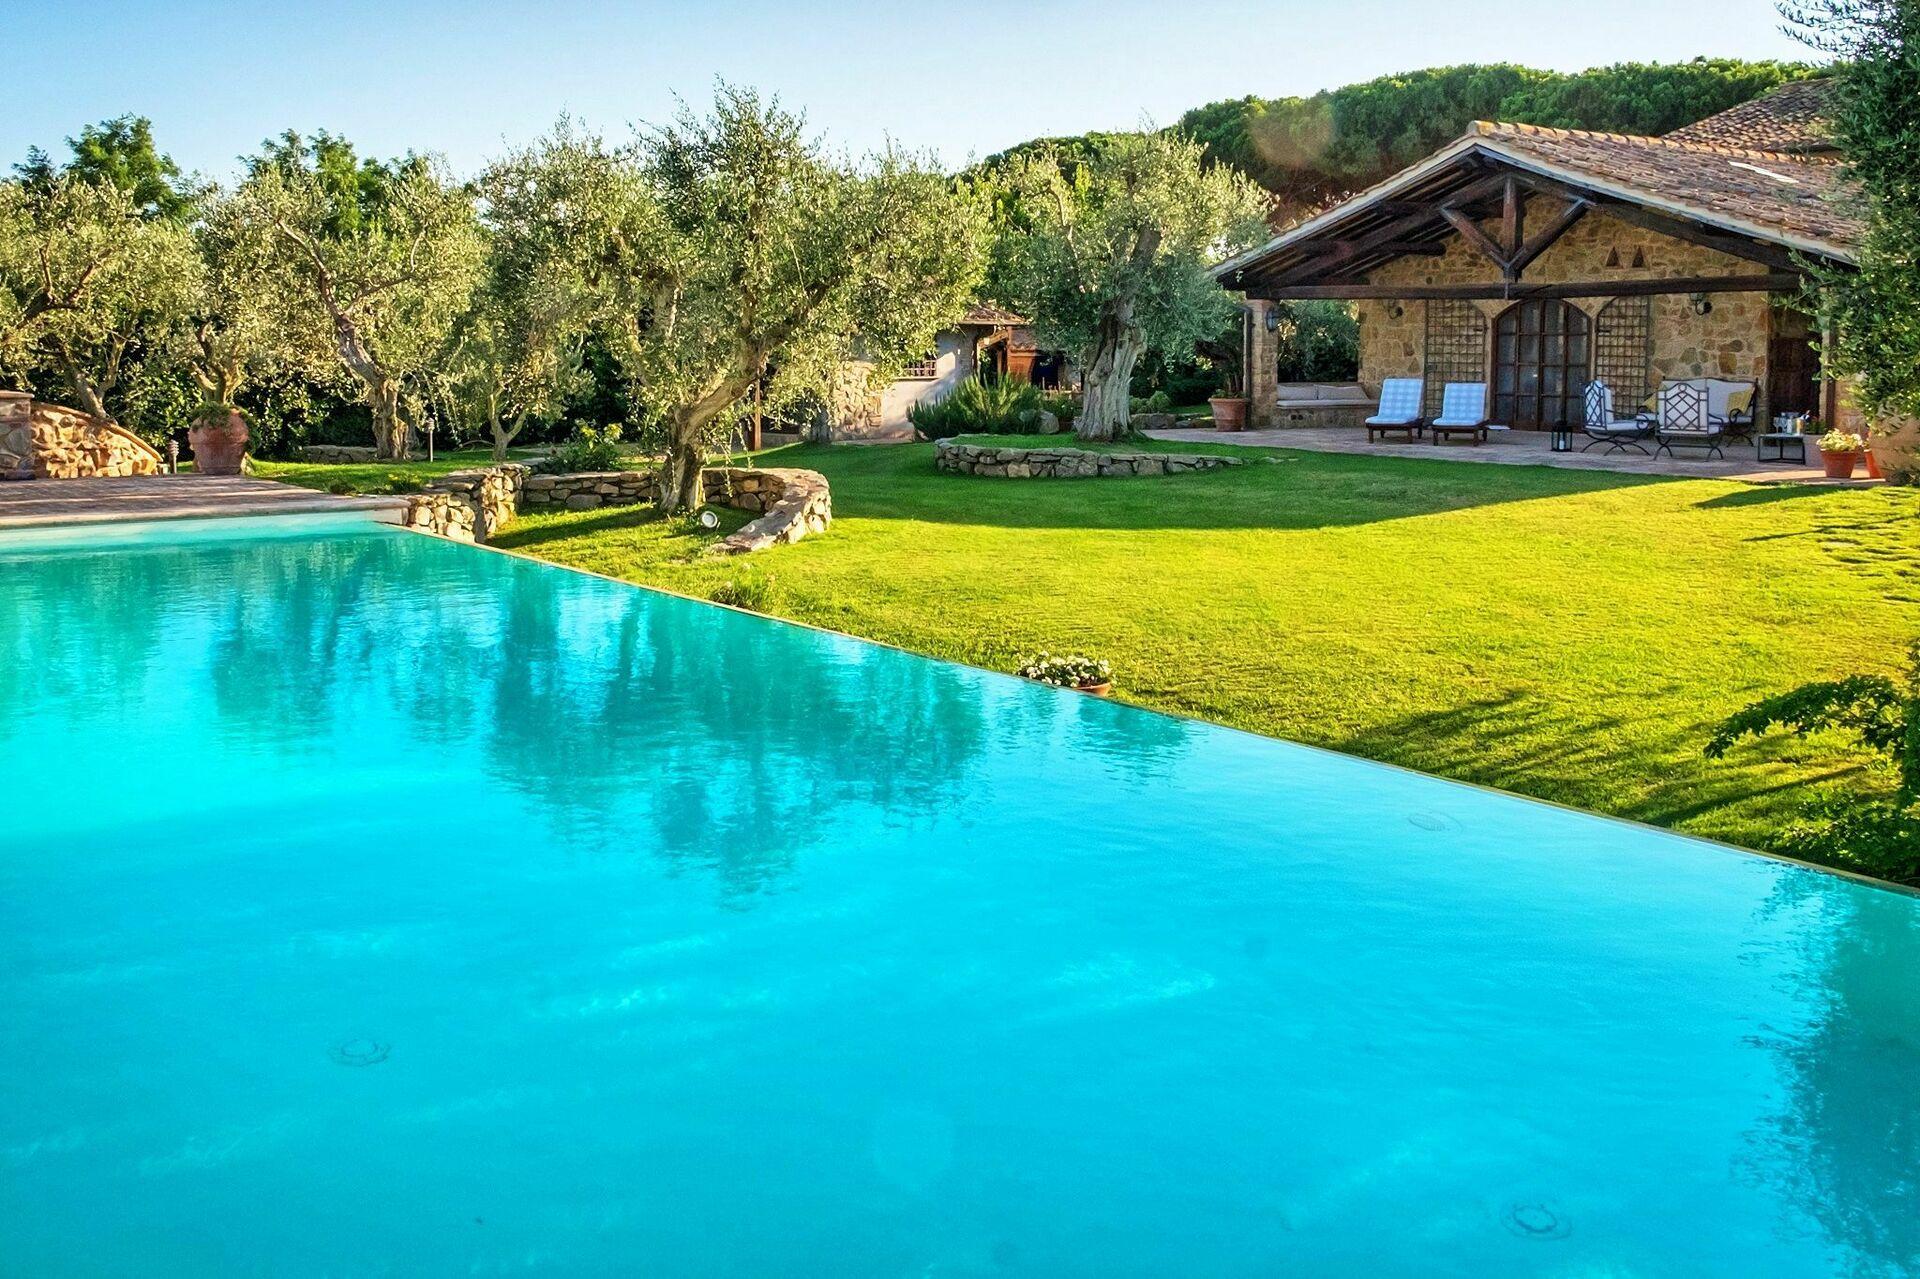 Villa Capalbio Holiday Villa Rental In Capalbio Maremma Tuscany 12 Sleeps In 5 Bedrooms Vacation Rental In Capalbio Maremma Tuscany Italy